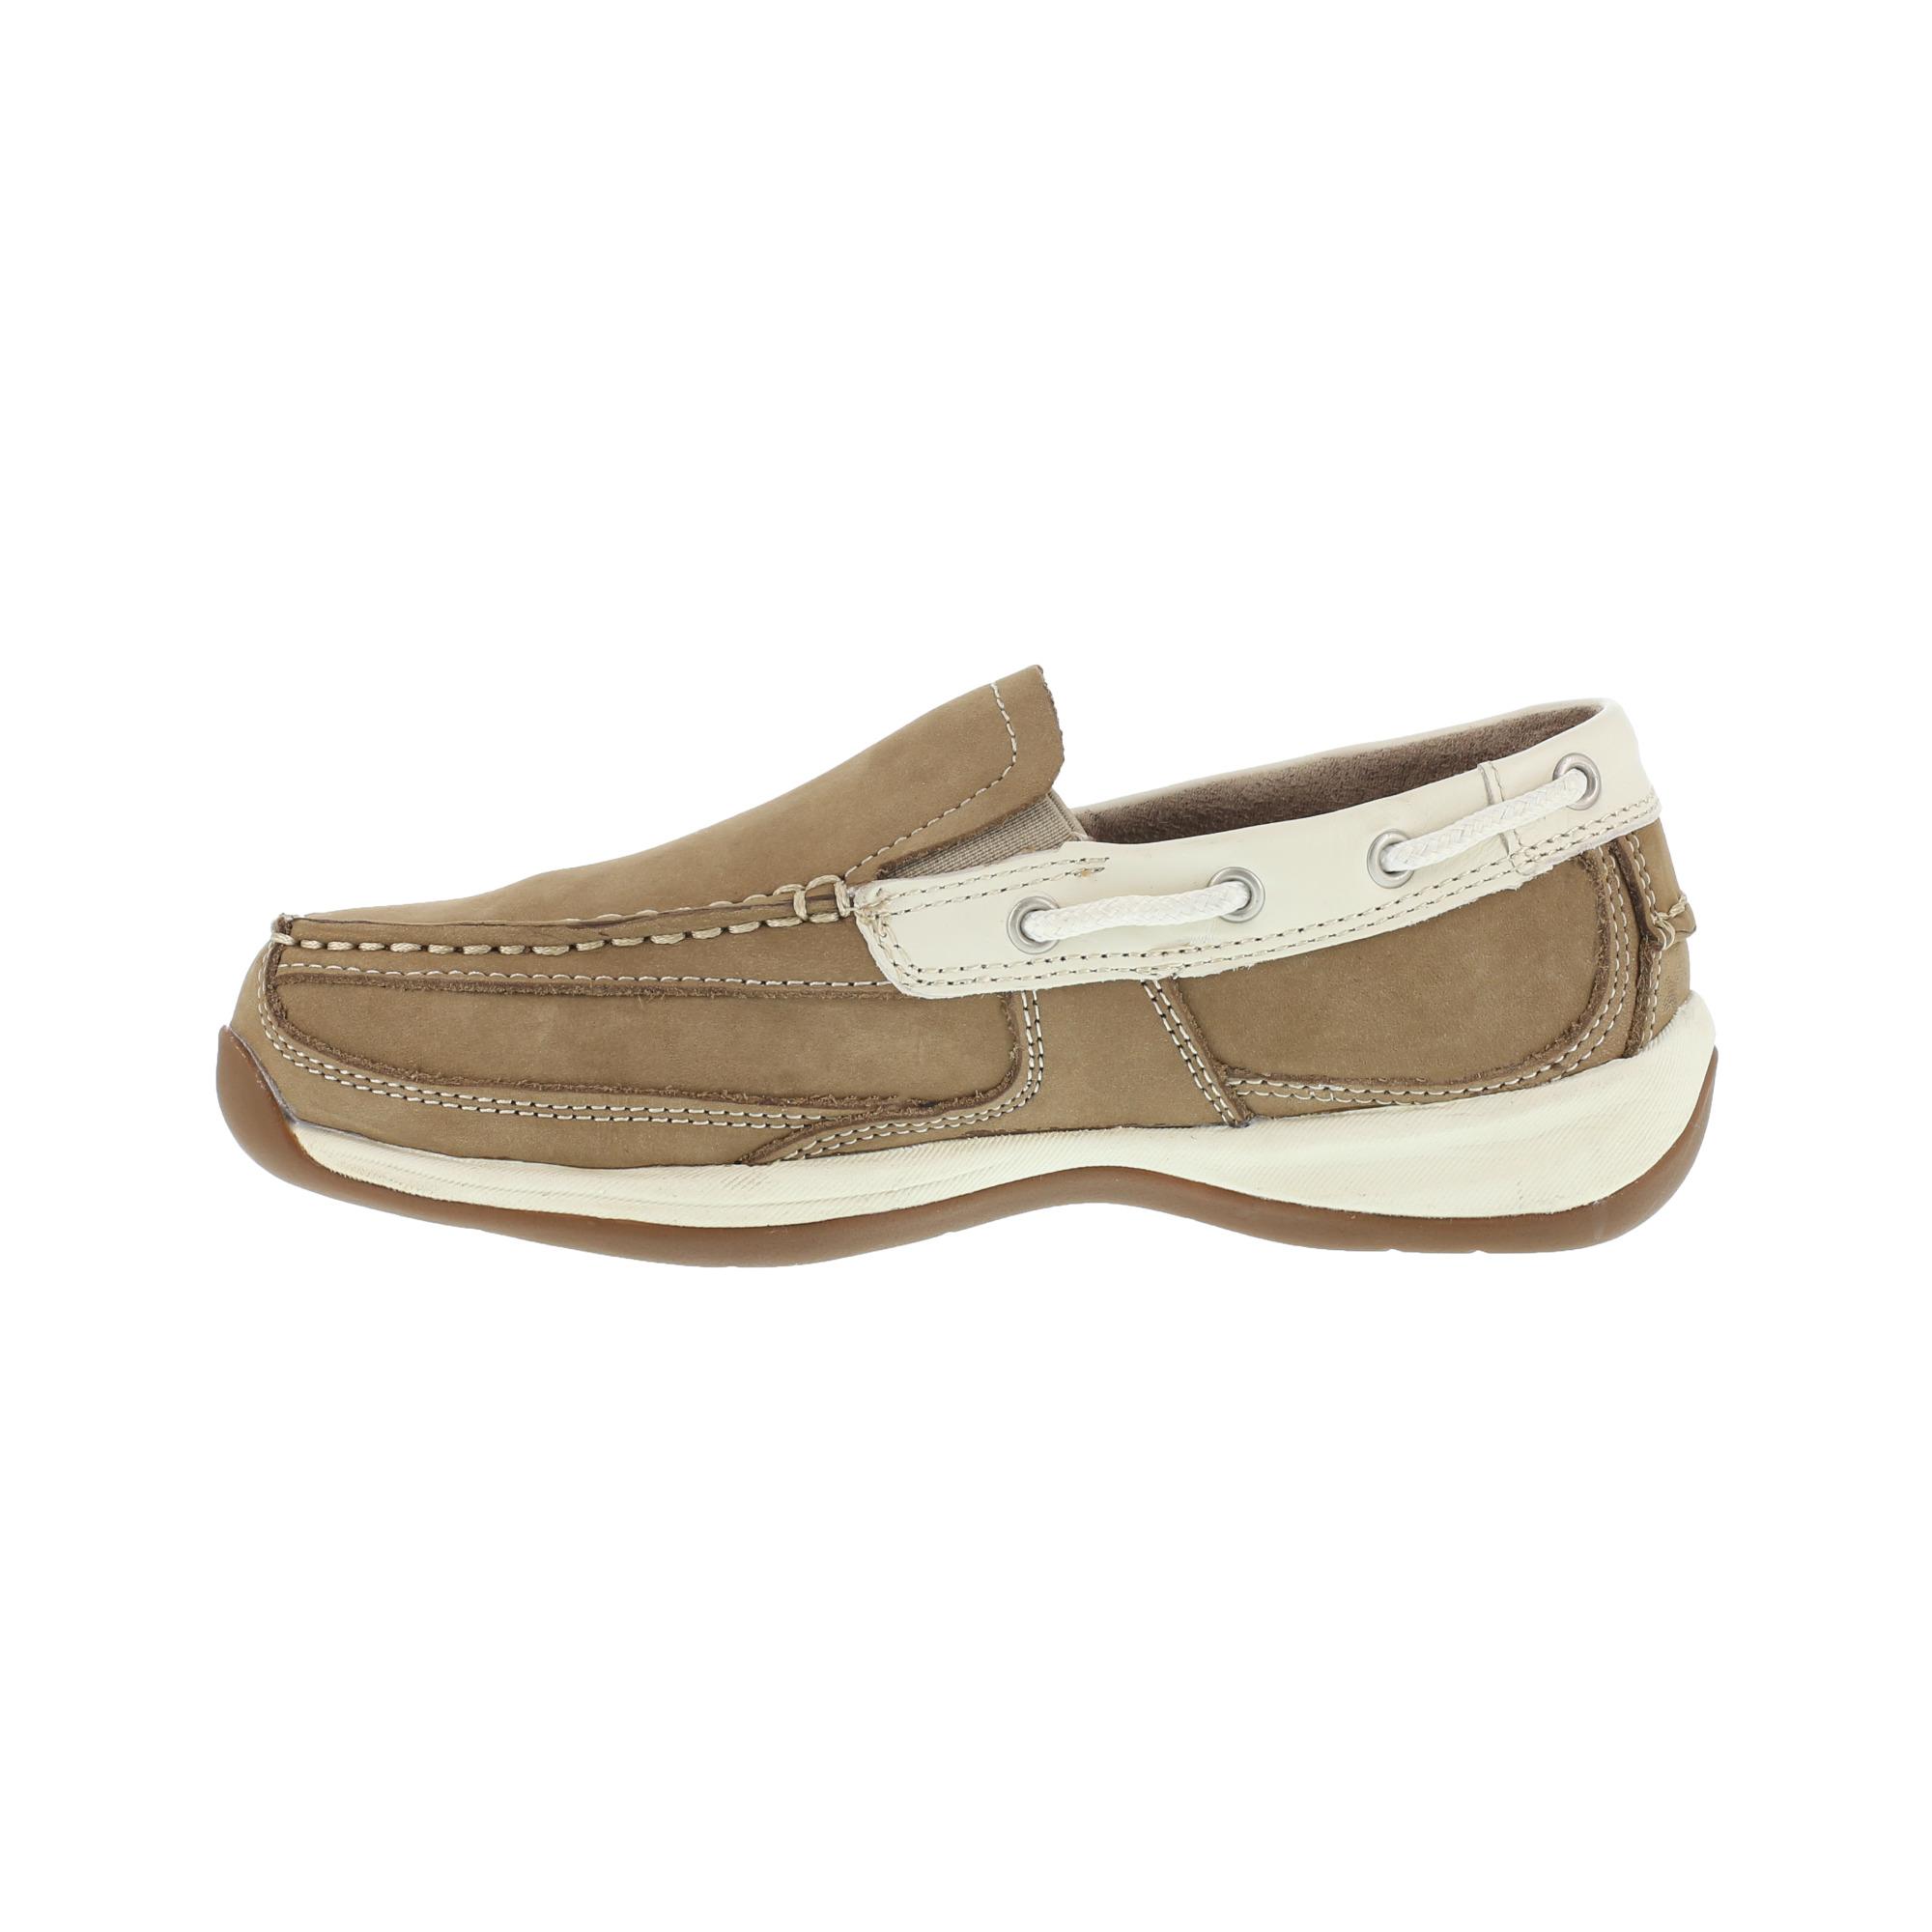 Rockport Women S Tan Slip On Boat Shoes Steel Toe Rk673